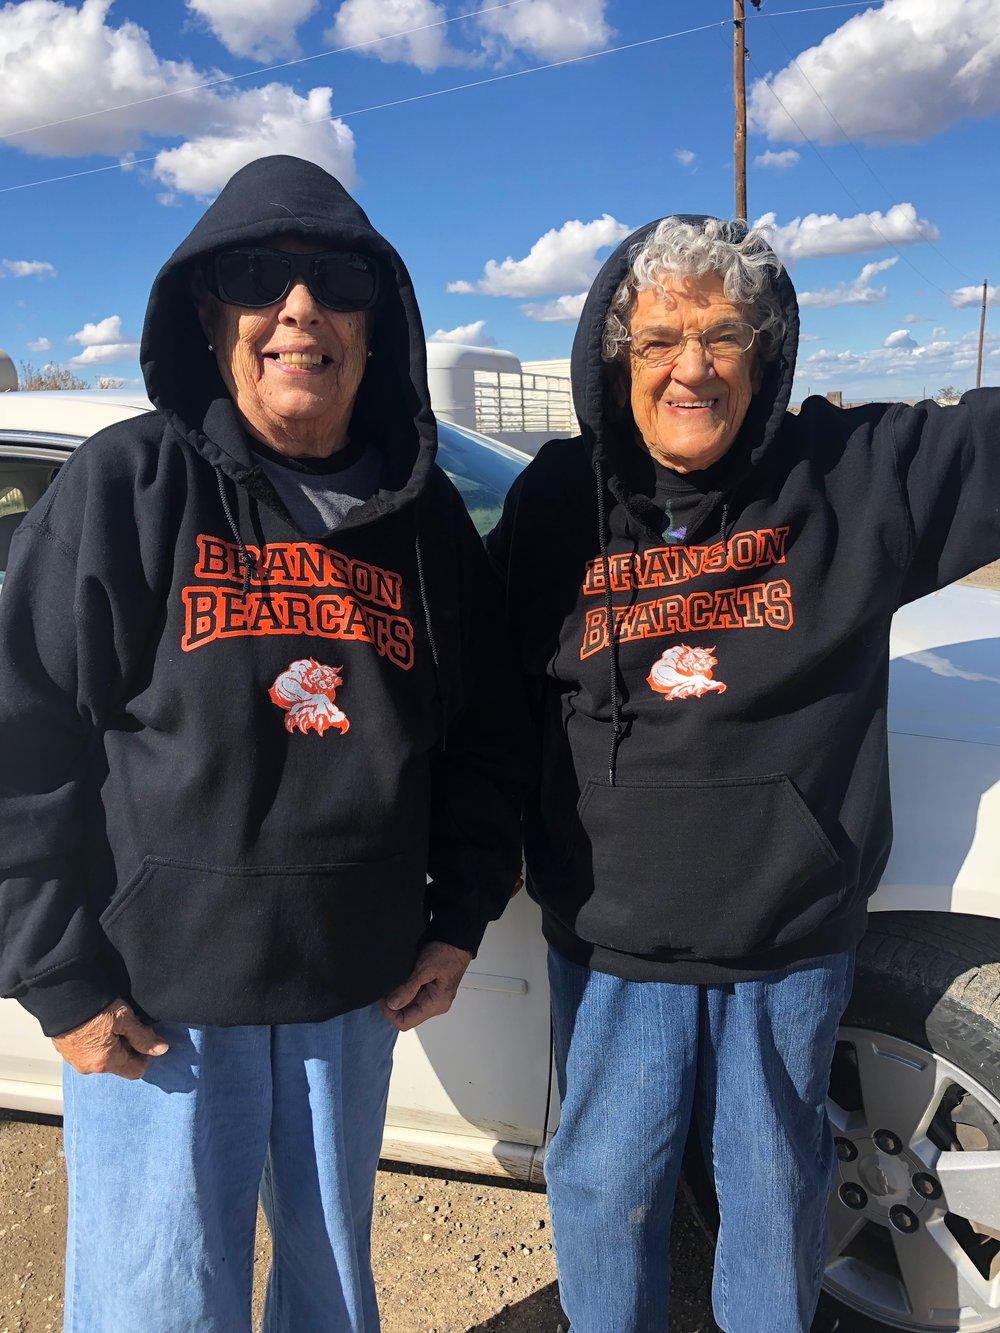 Bearcat fans!.JPG